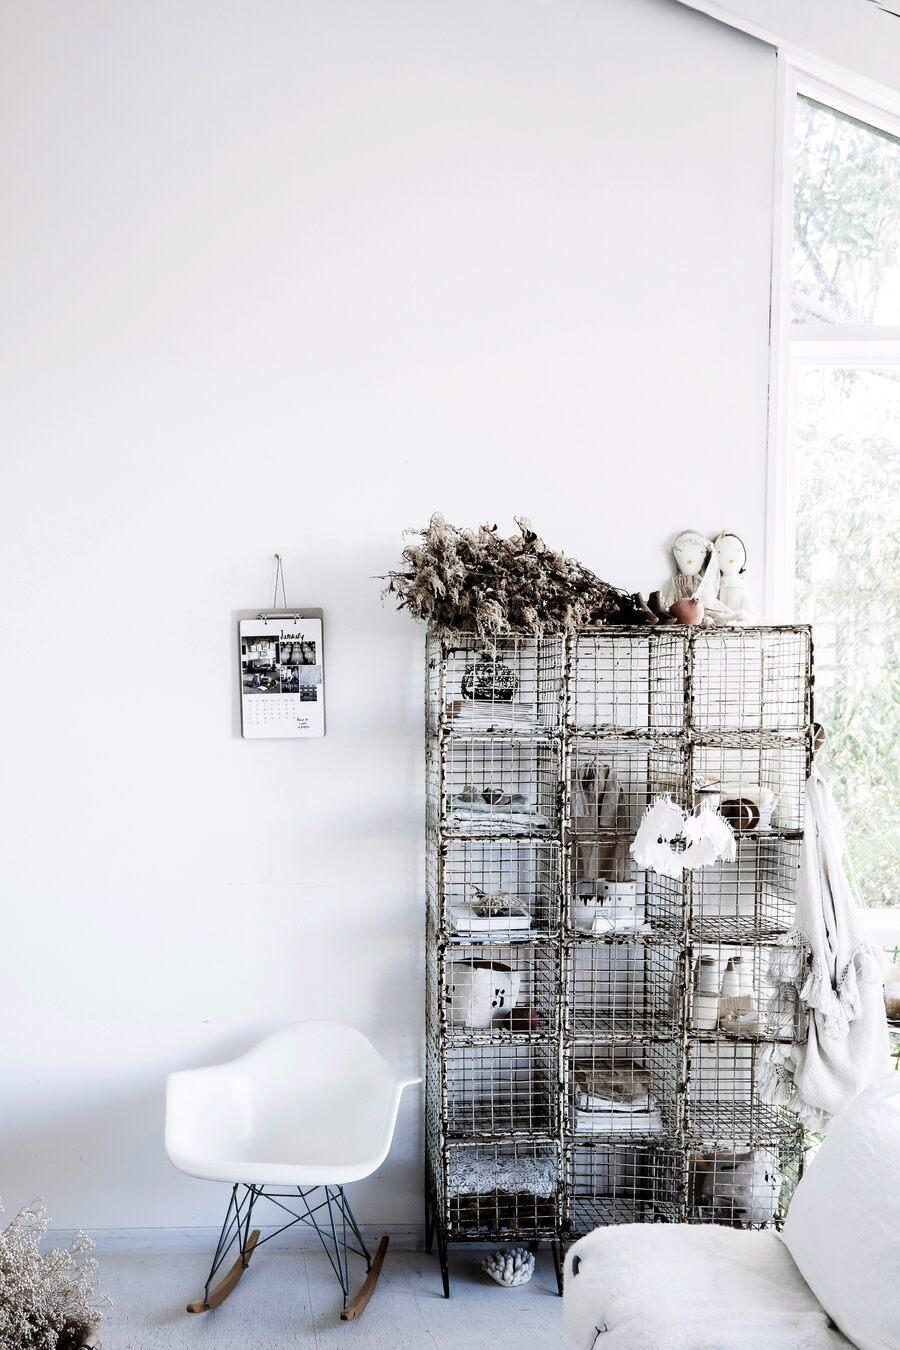 Silla mecedora blanca y mueble de metal estilo vintage